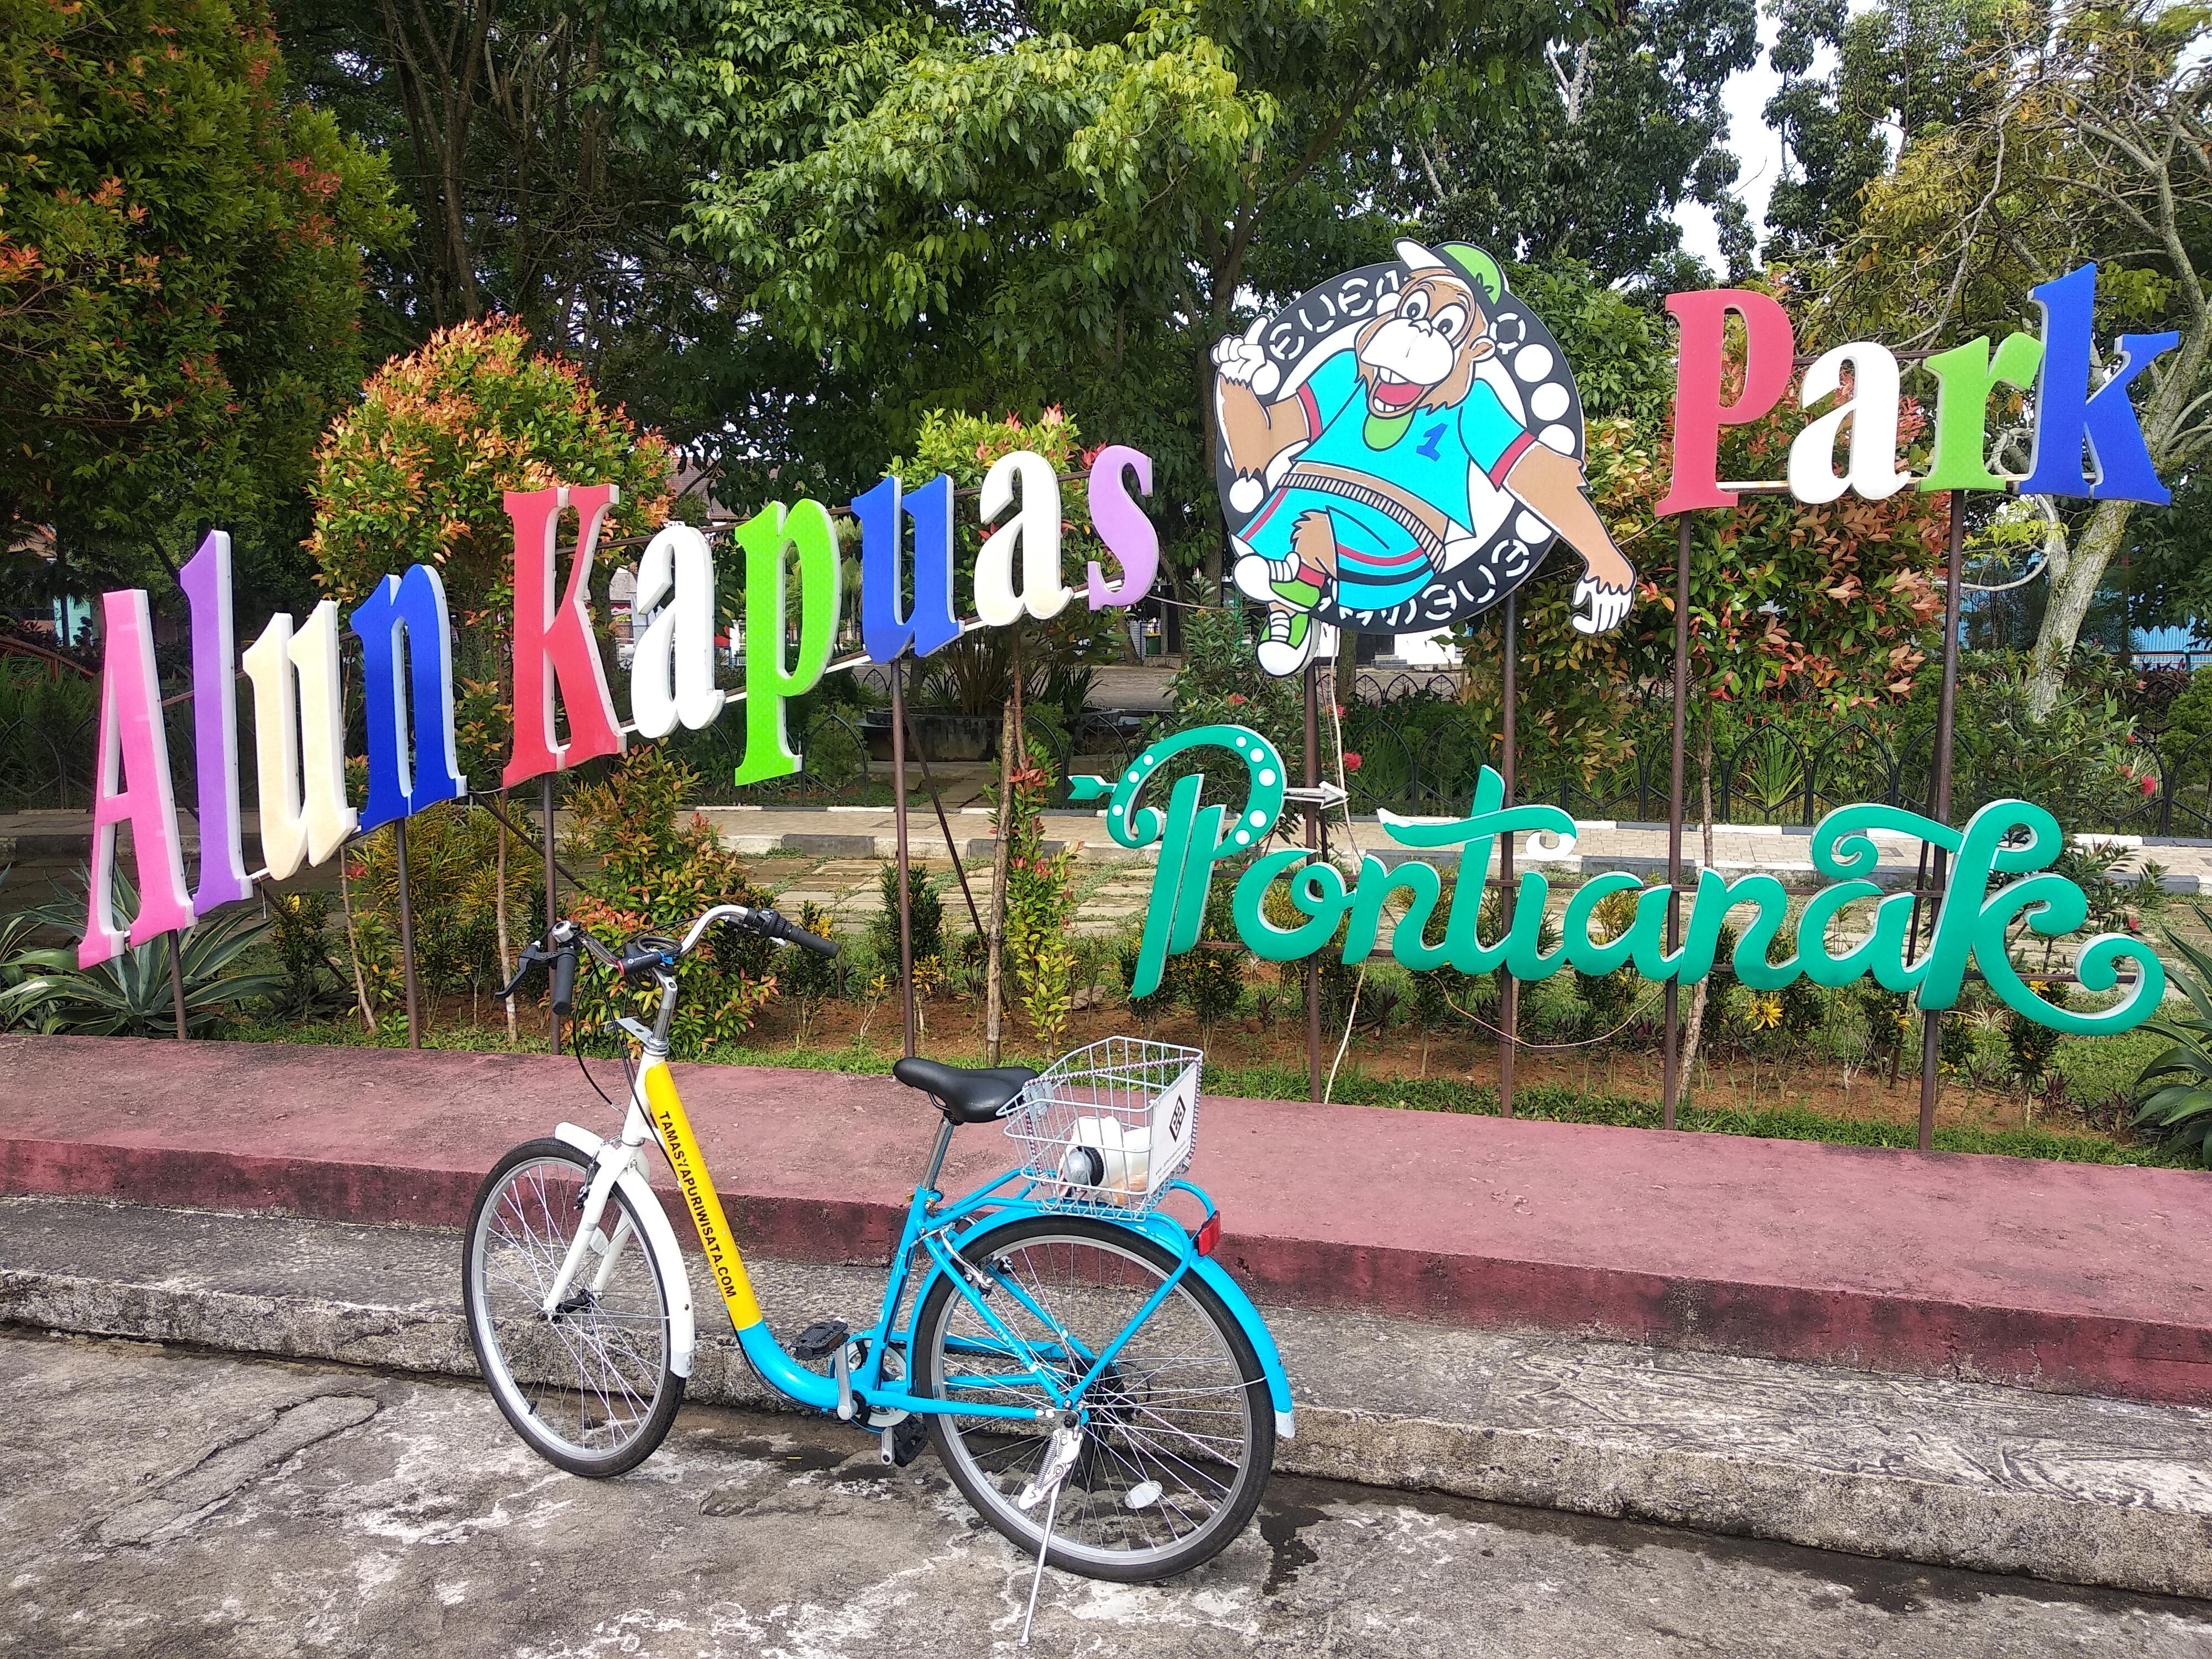 Bersepeda ke Taman Alun Kapuas - Bicycle Tour & Rental Pontianak